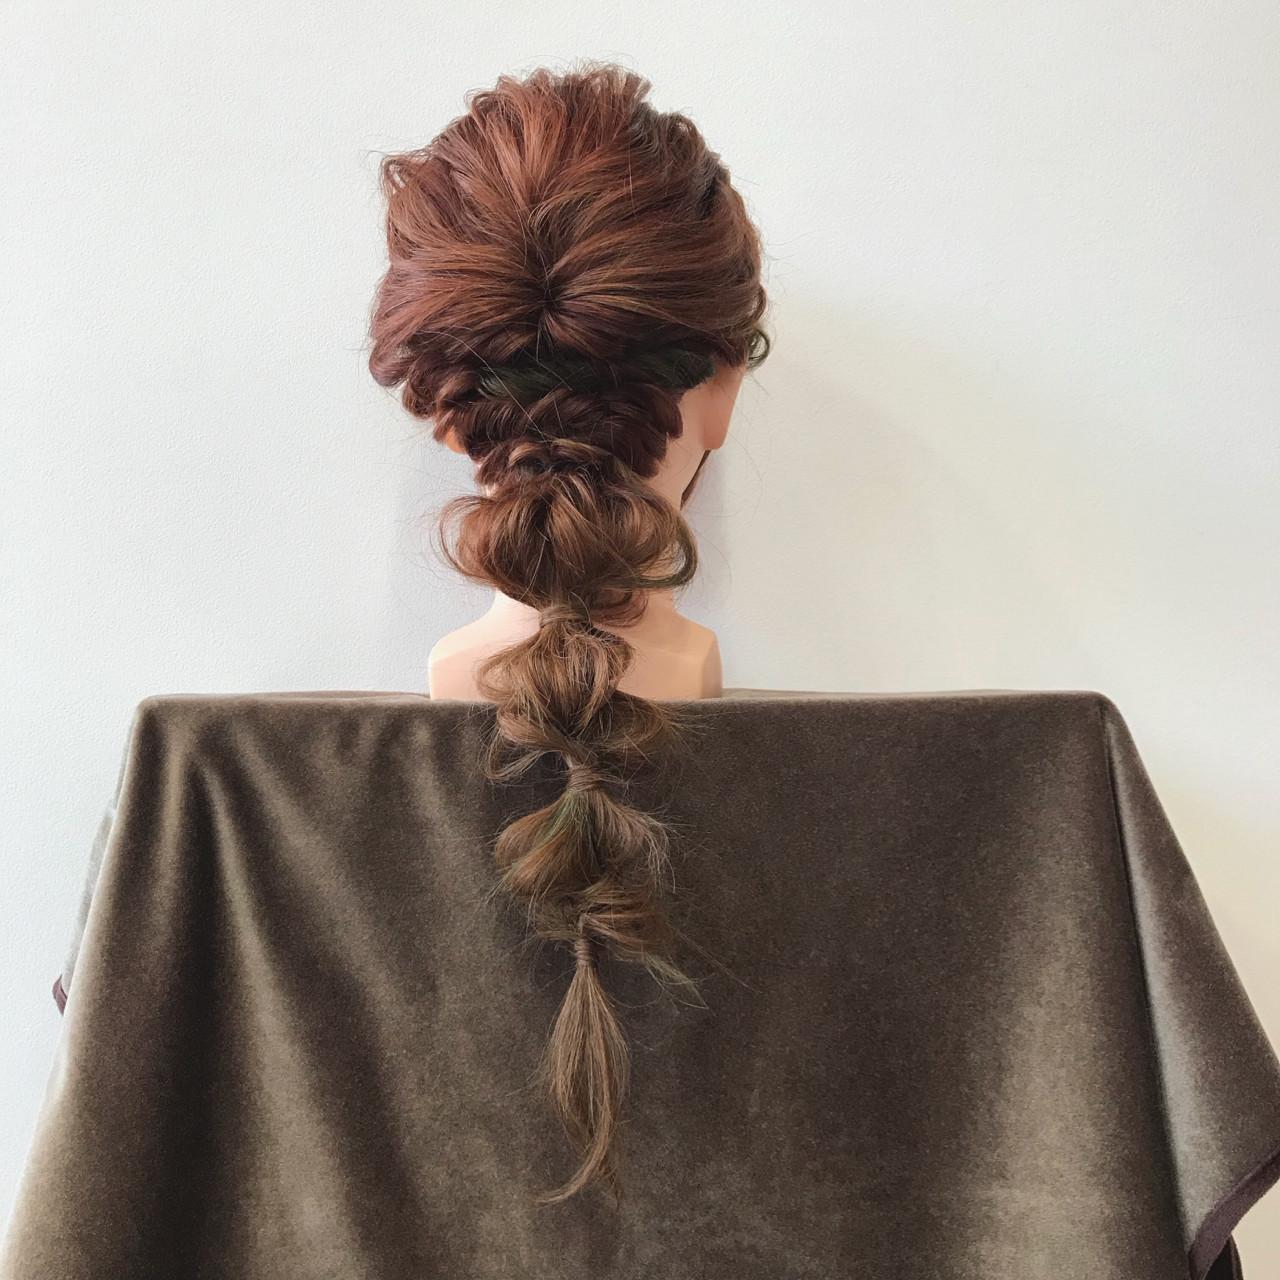 デート 結婚式 ヘアアレンジ 簡単ヘアアレンジ ヘアスタイルや髪型の写真・画像 | 石井 美那 / BERAg hair